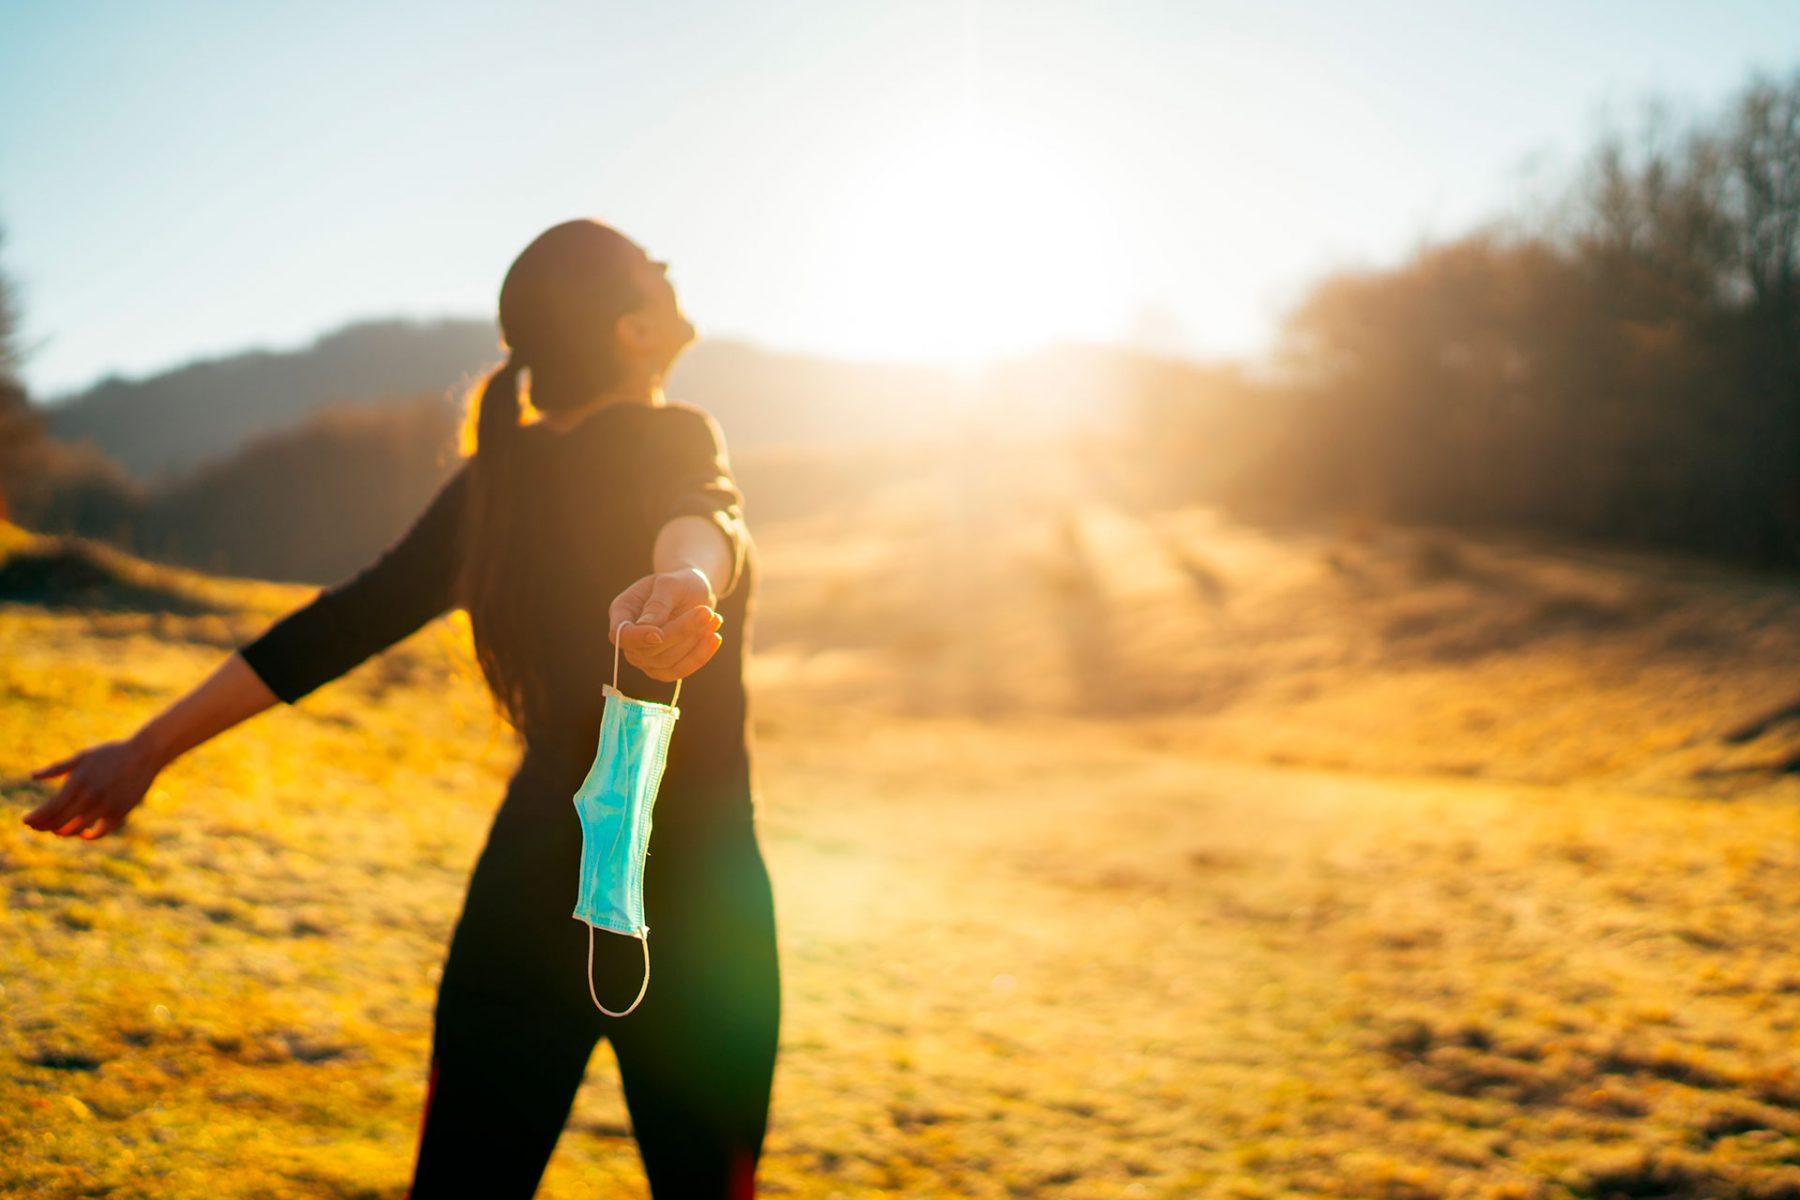 Άθληση για όλους: Επηρεάζει την ψυχολογική ευημερία